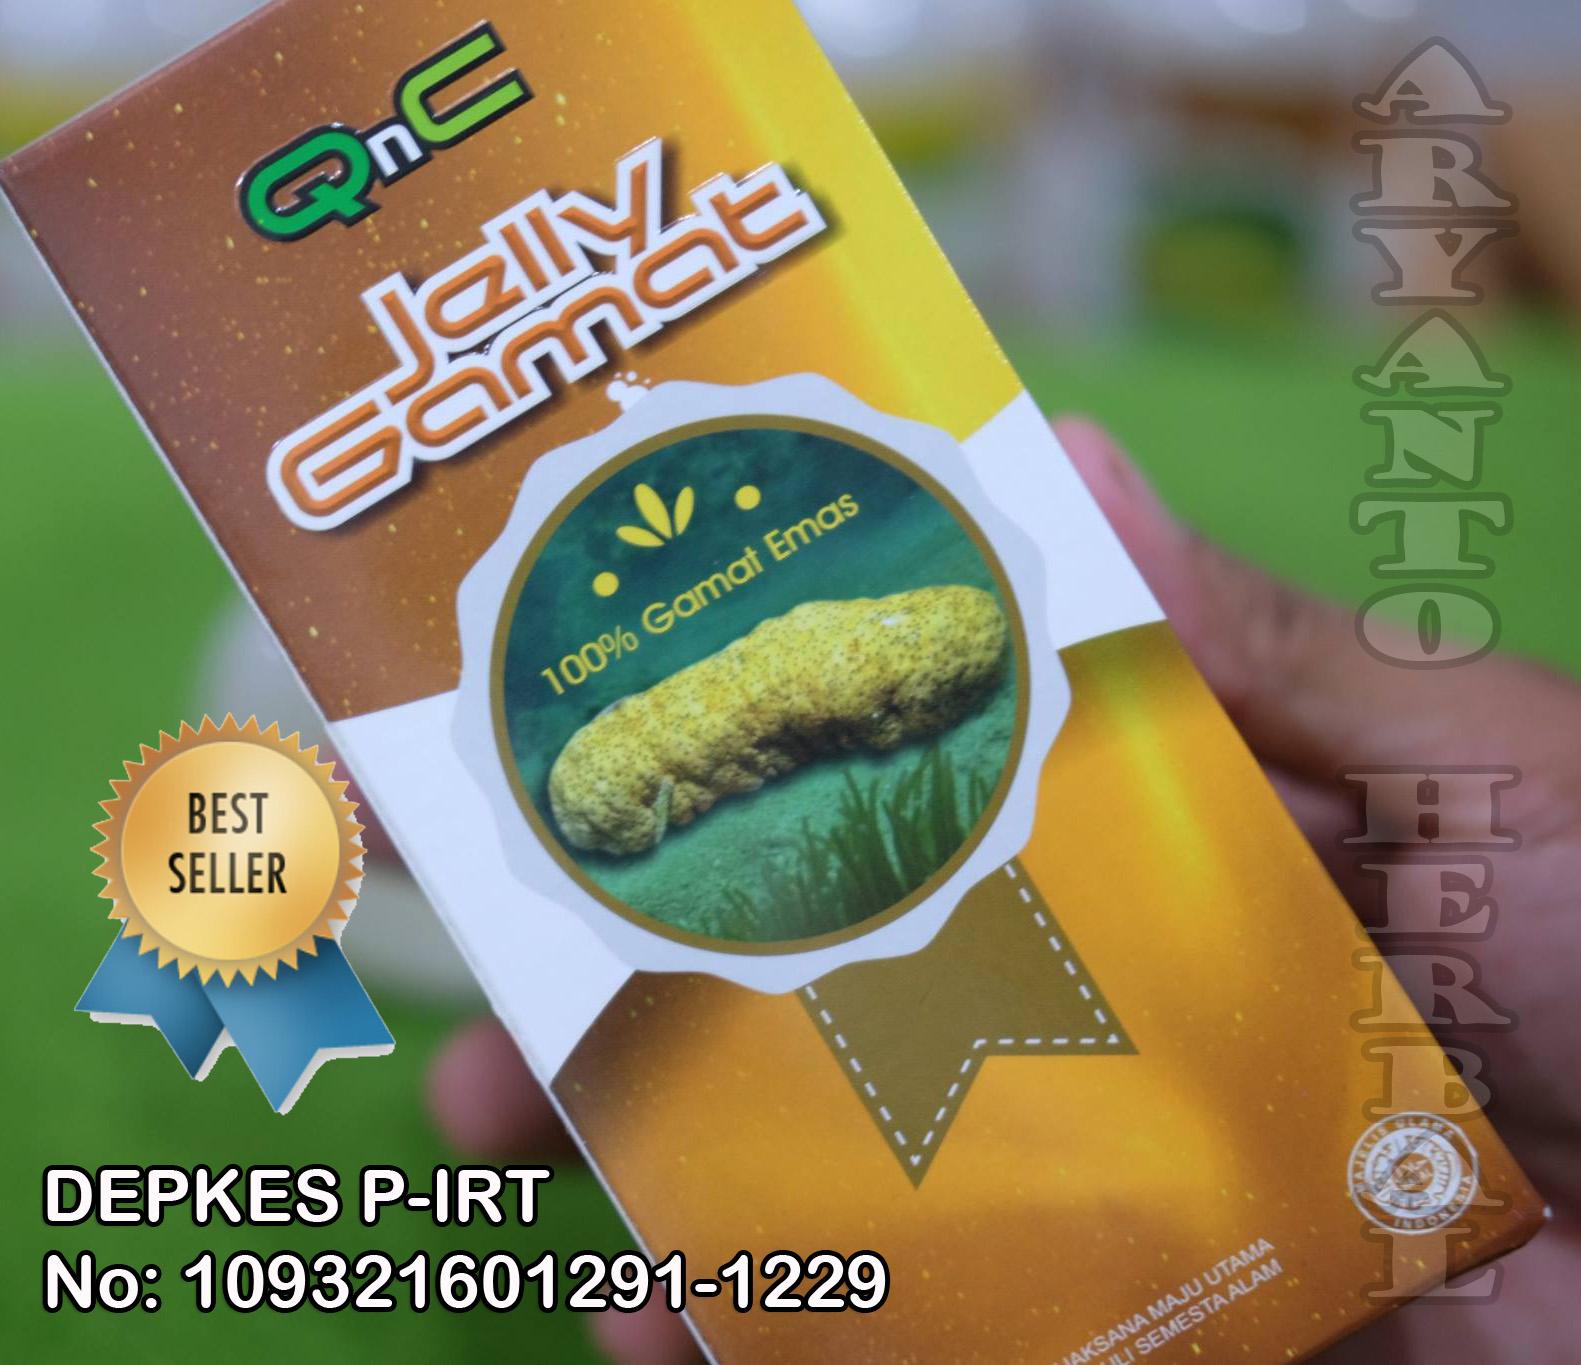 Jual Obat Sinusitis Herbal Akut Kronis Qnc Psoriasis Jelly Gamat Toko Herb Aryanto Tokopedia